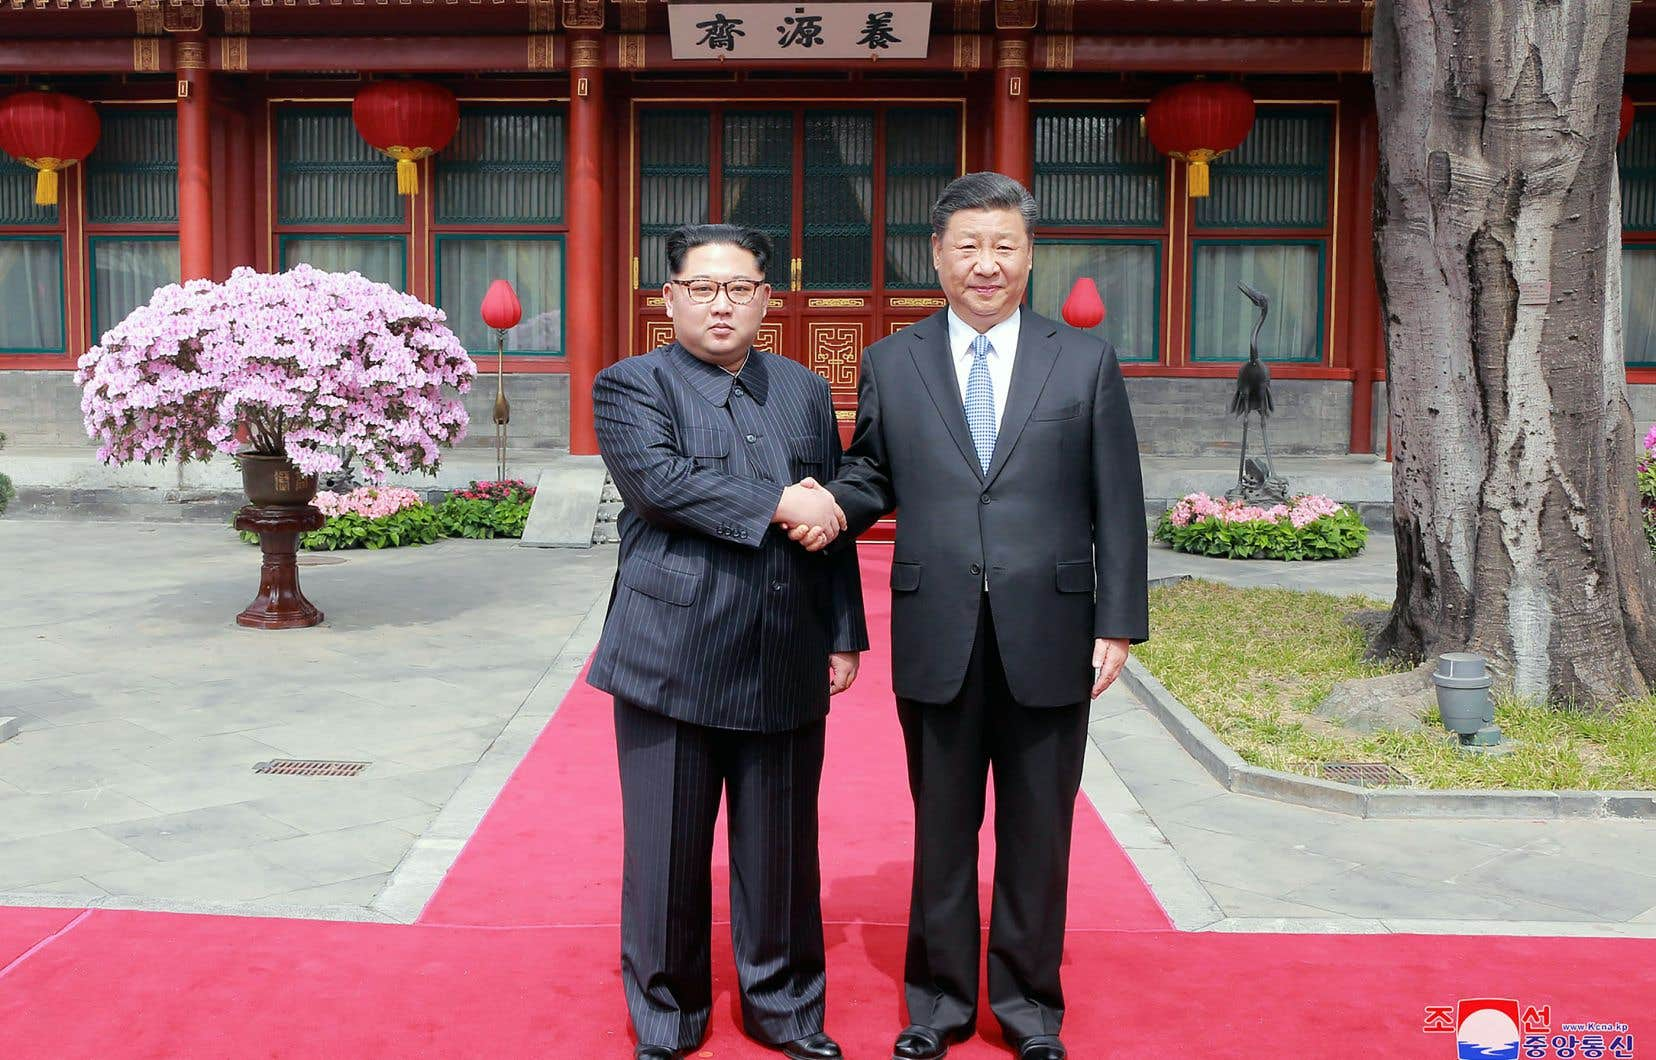 Kim Jong-un lors de son passage en Chine, le 28mars, pour y rencontrer le président Xi Jinping